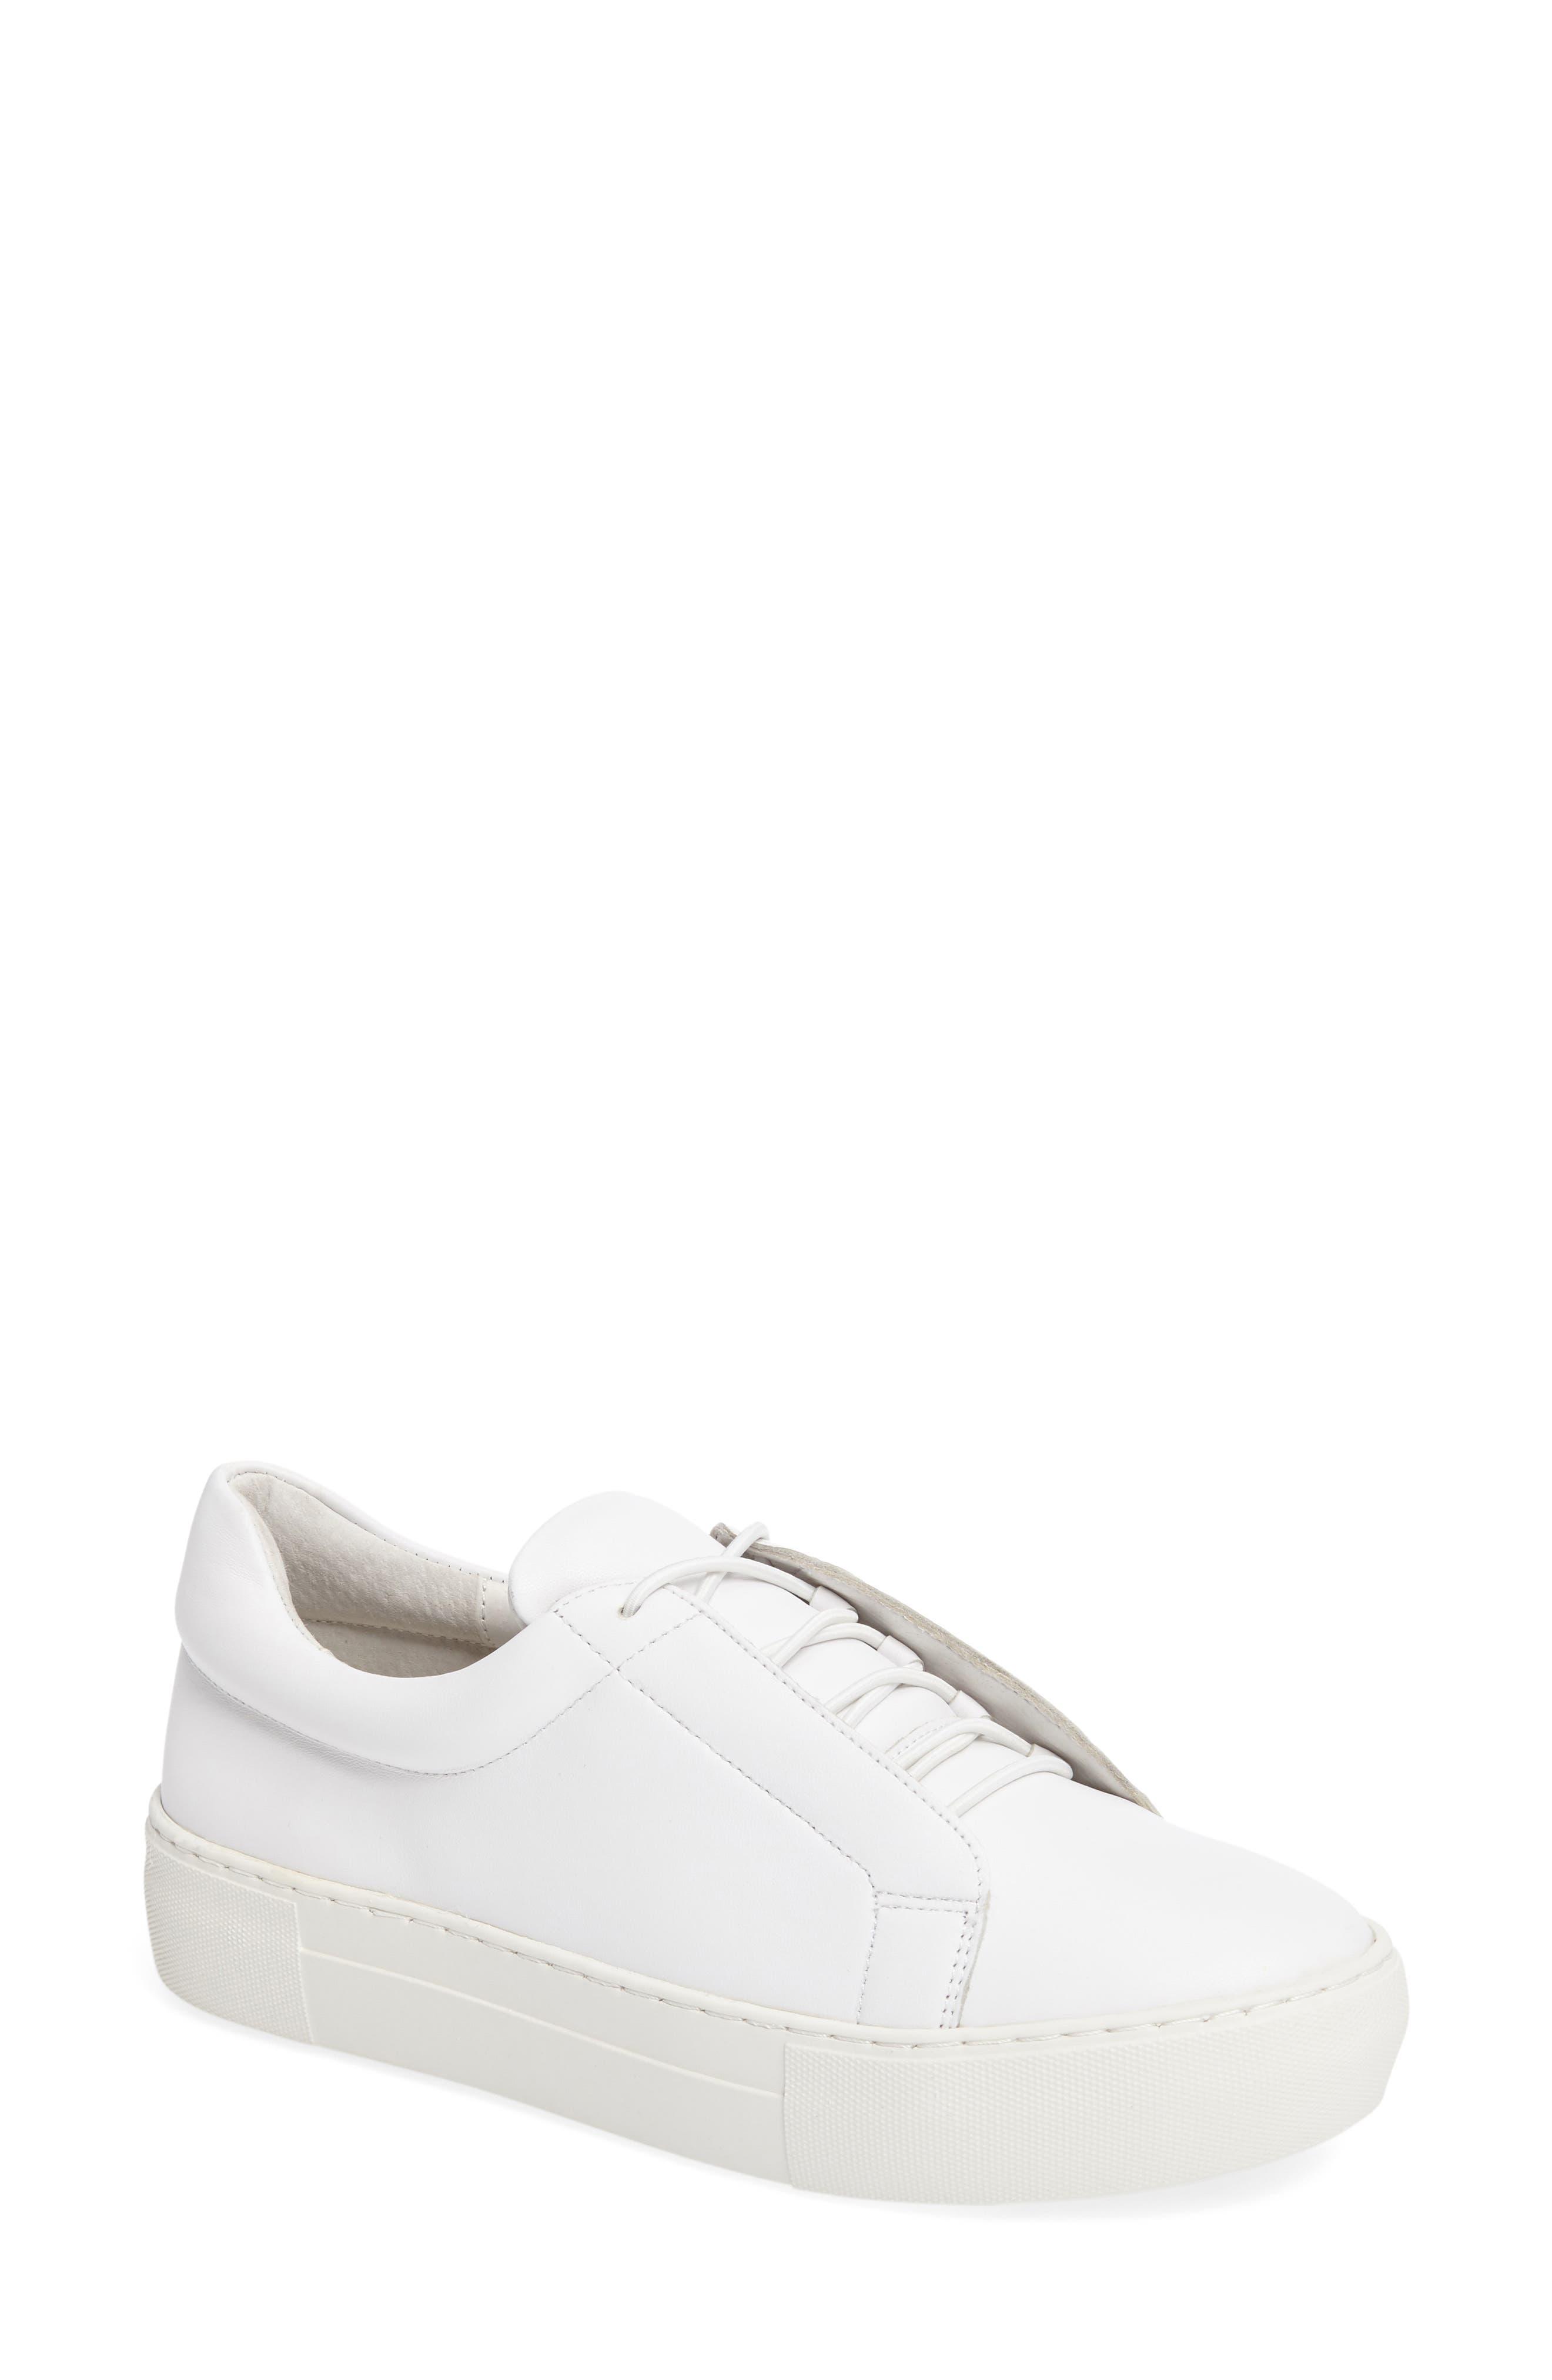 JSLIDES Alice Platform Sneaker